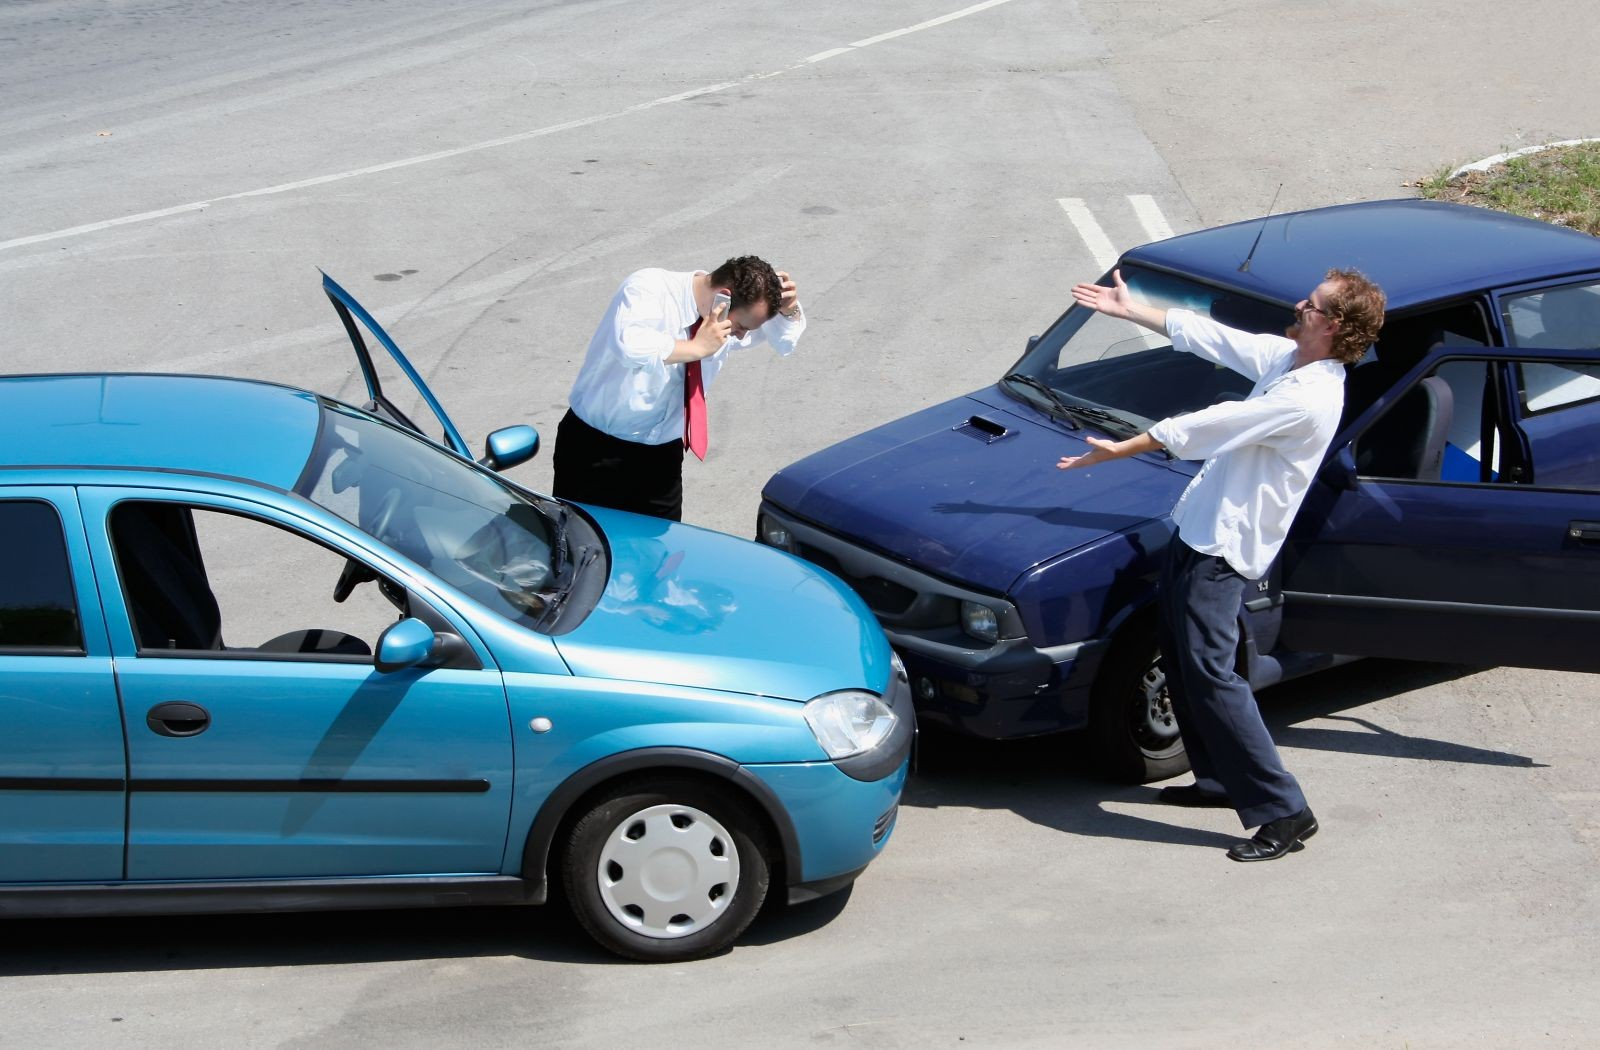 bảo hiểm ô tô ảnh 4 - Tư vấn mua bảo hiểm ô tô ở đâu uy tính